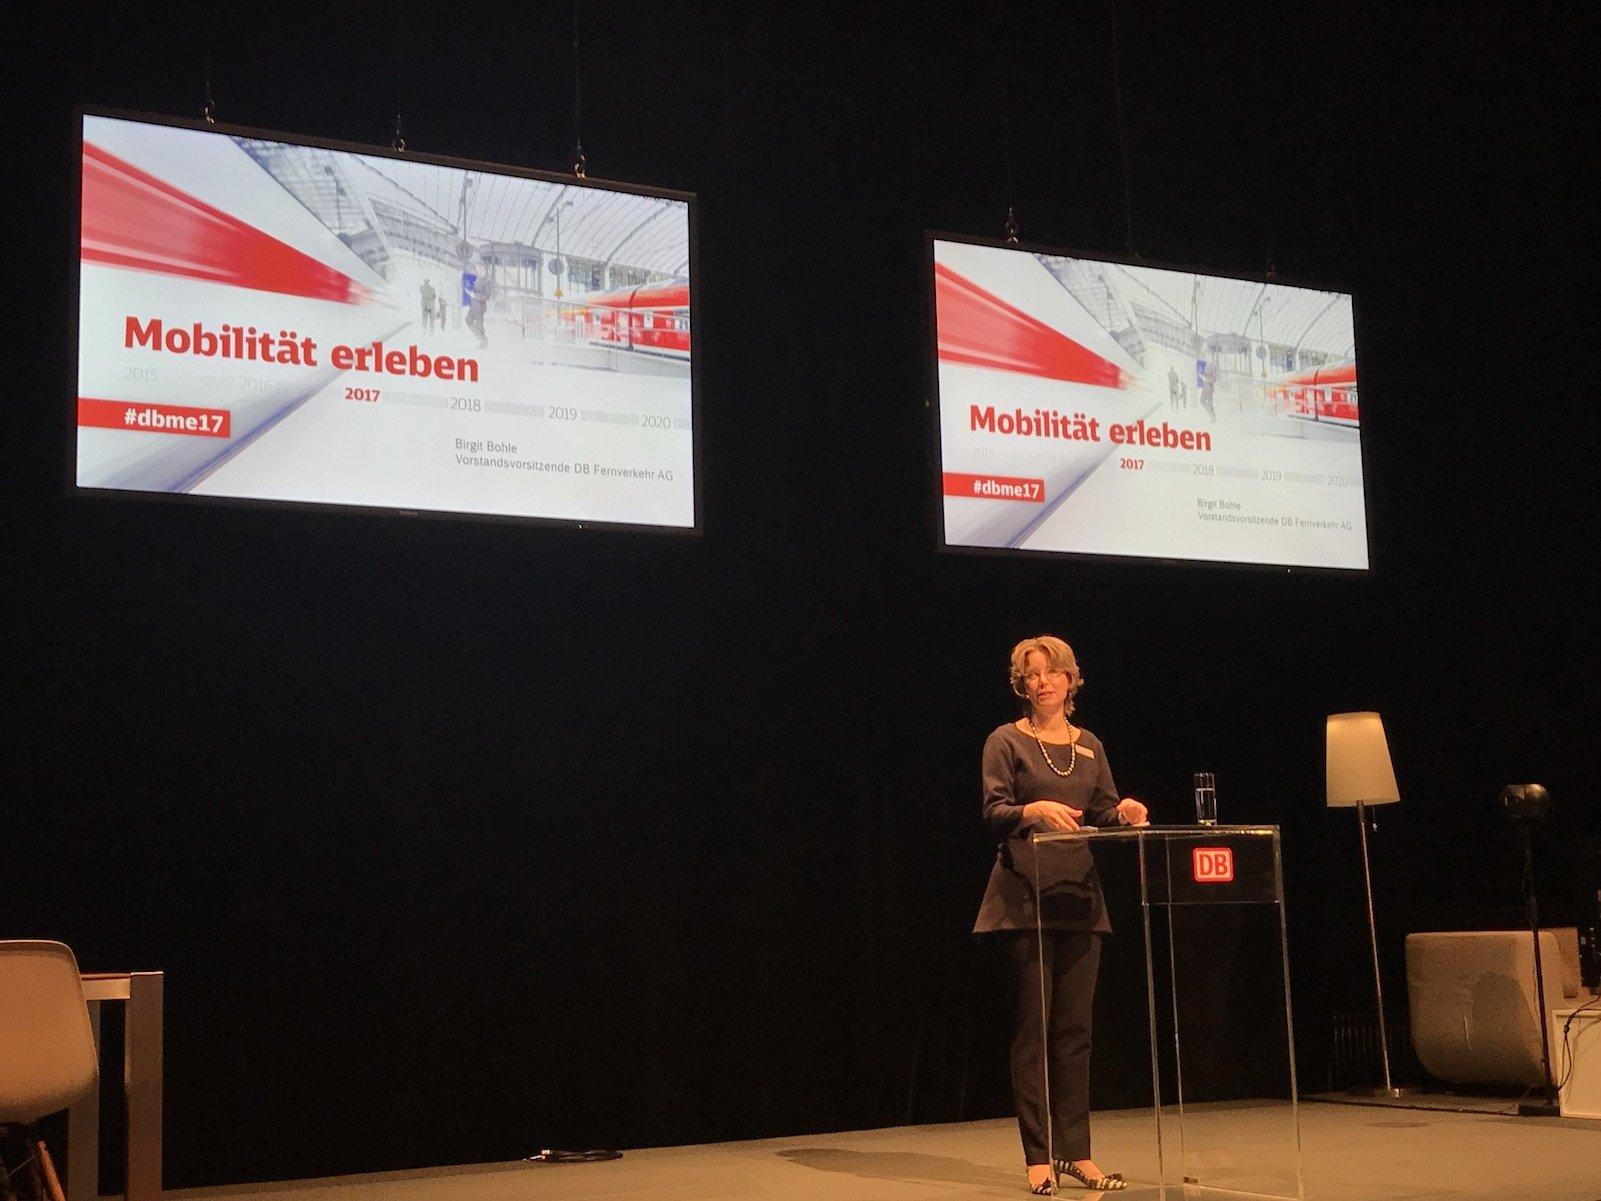 Birgit Bohle, Vorsitzende des Vorstands DB Bahn Fernverkehr, bei Ihrer Rede in Berlin beim #DBME17